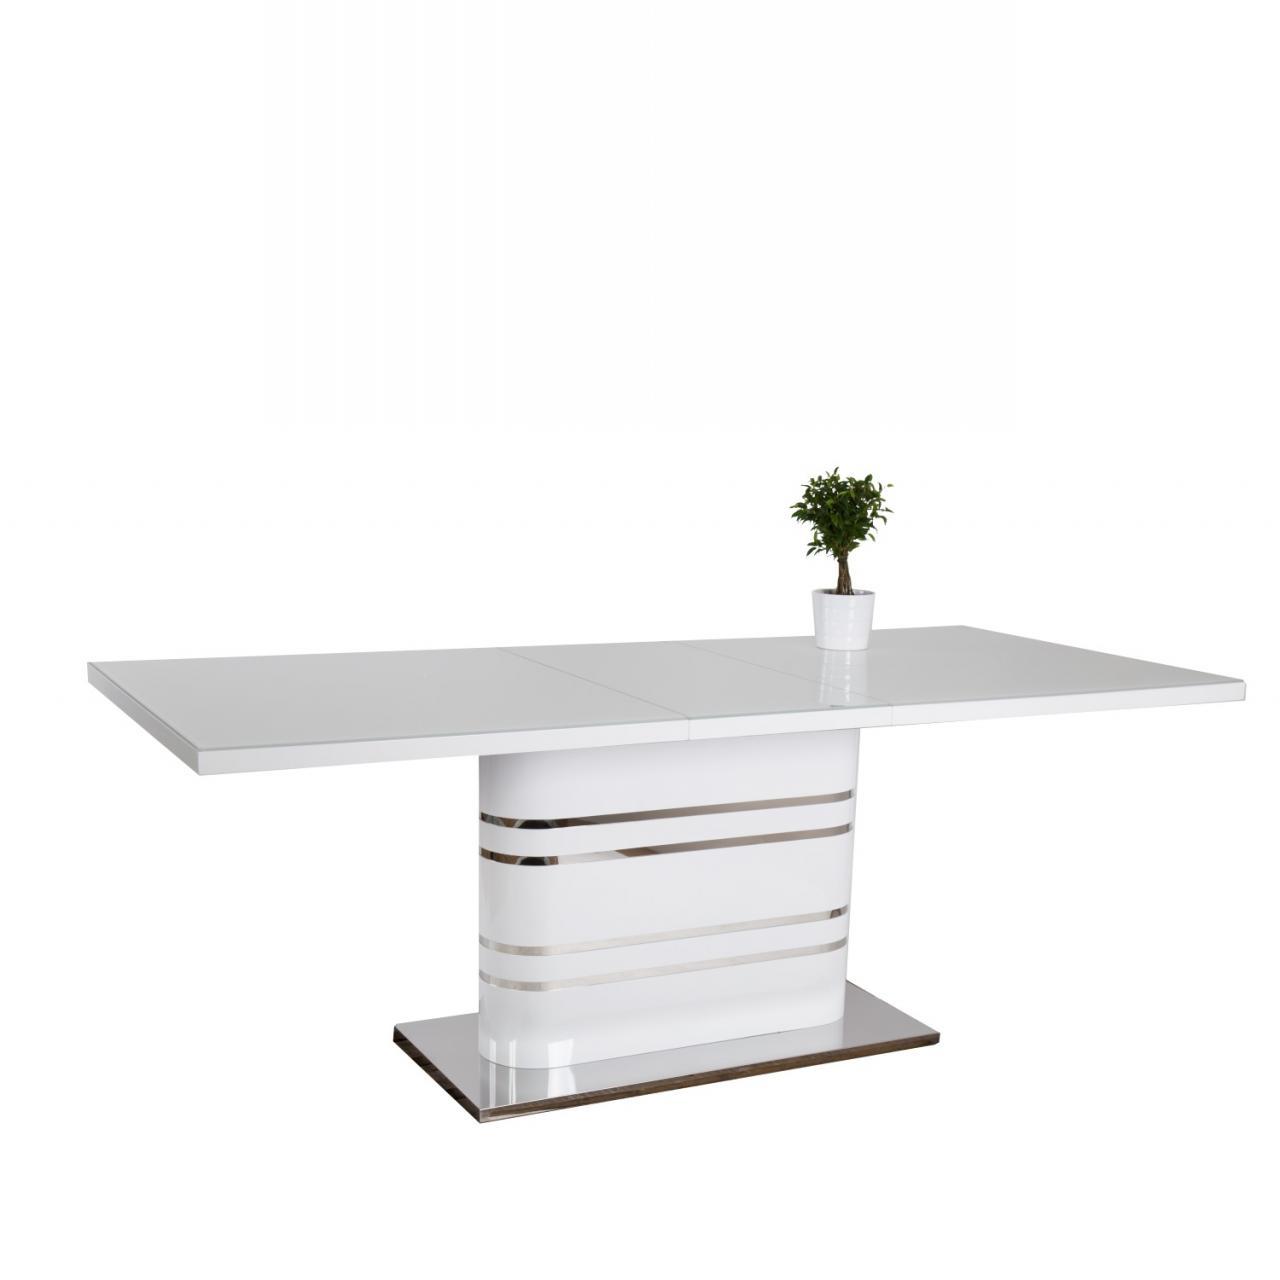 Esstisch Sydney, Tisch, Küchentisch, Esszimmertisch, ausziehbar auf 200 cm, weiß